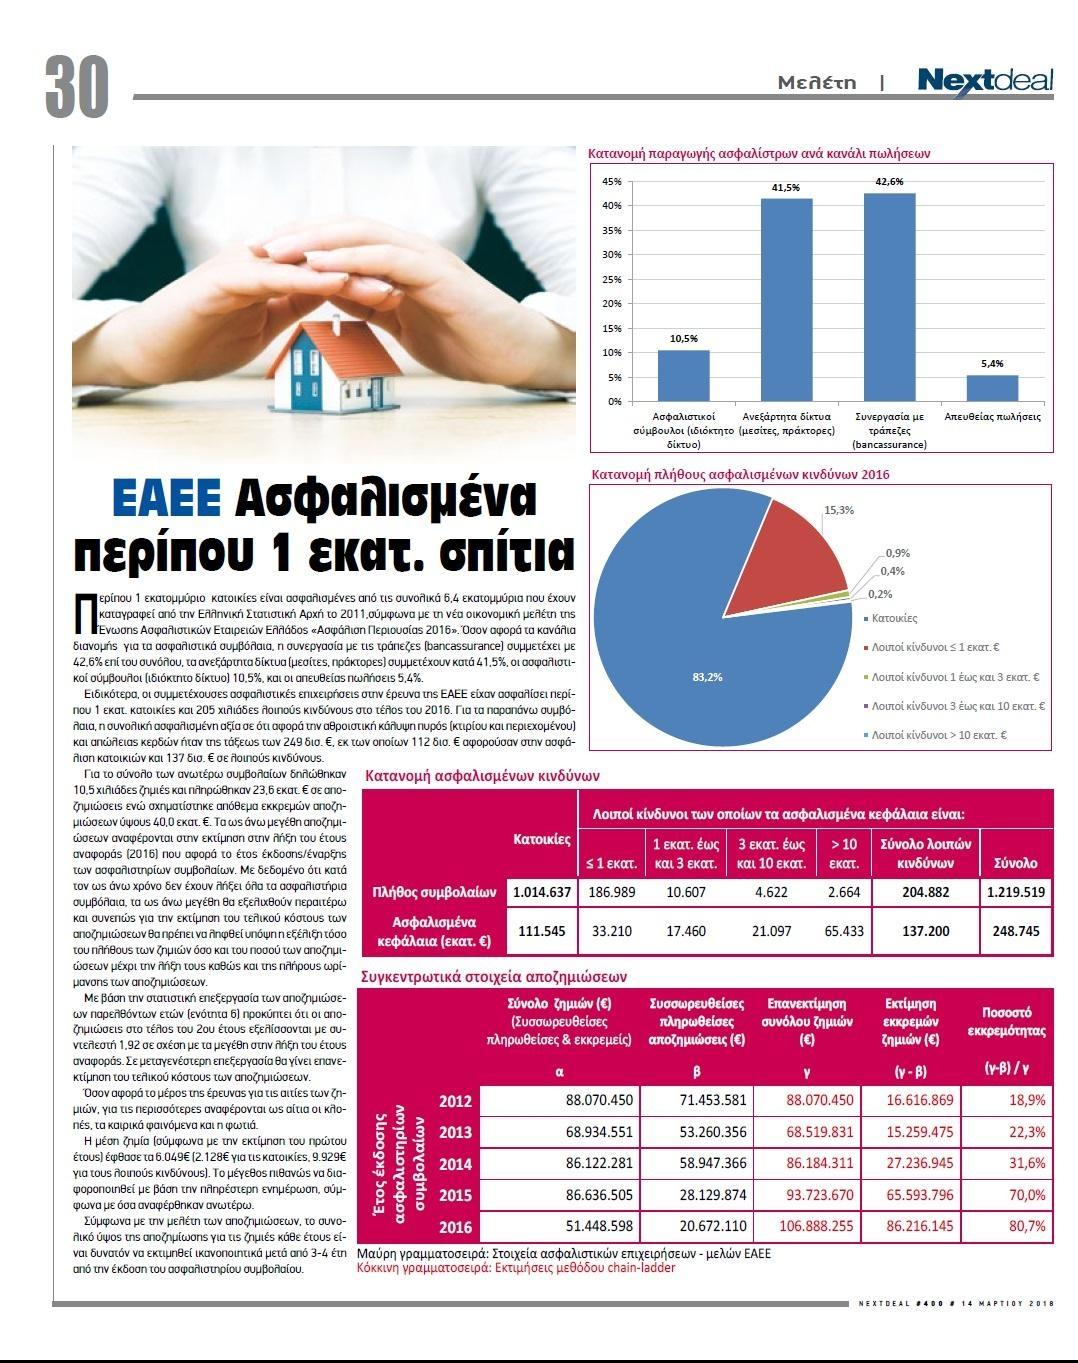 Οπισθόφυλλο εφημερίδας NextDeal